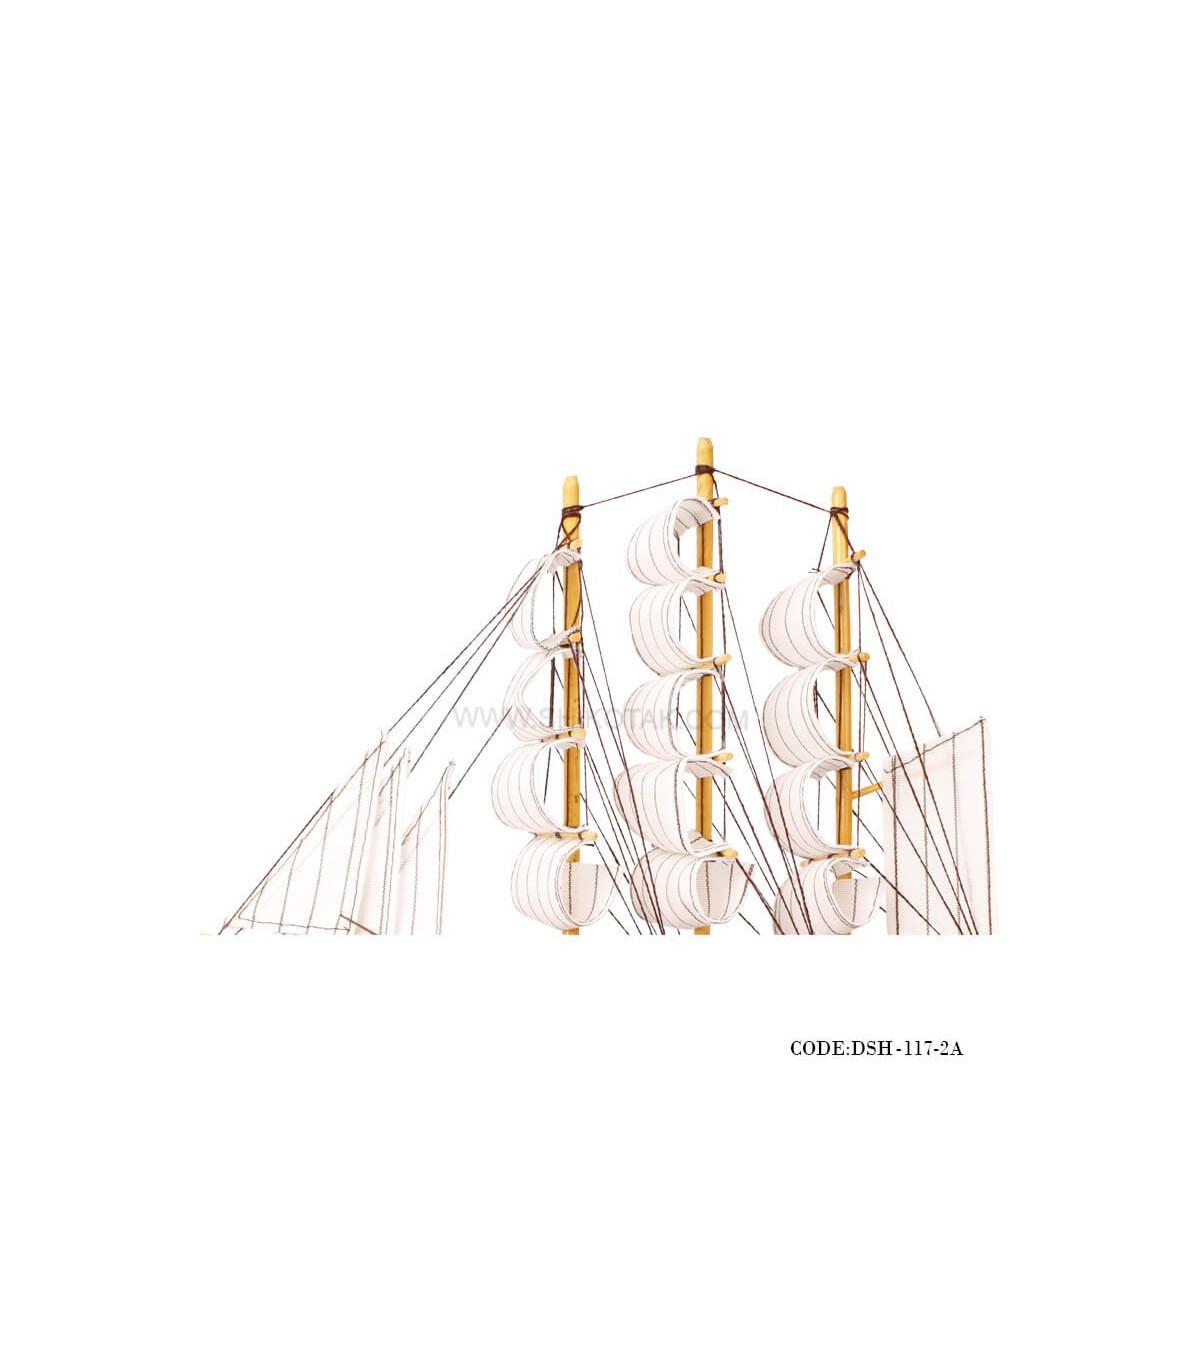 خرید آنلاین کشتی دست ساز چوبی مدل 2A